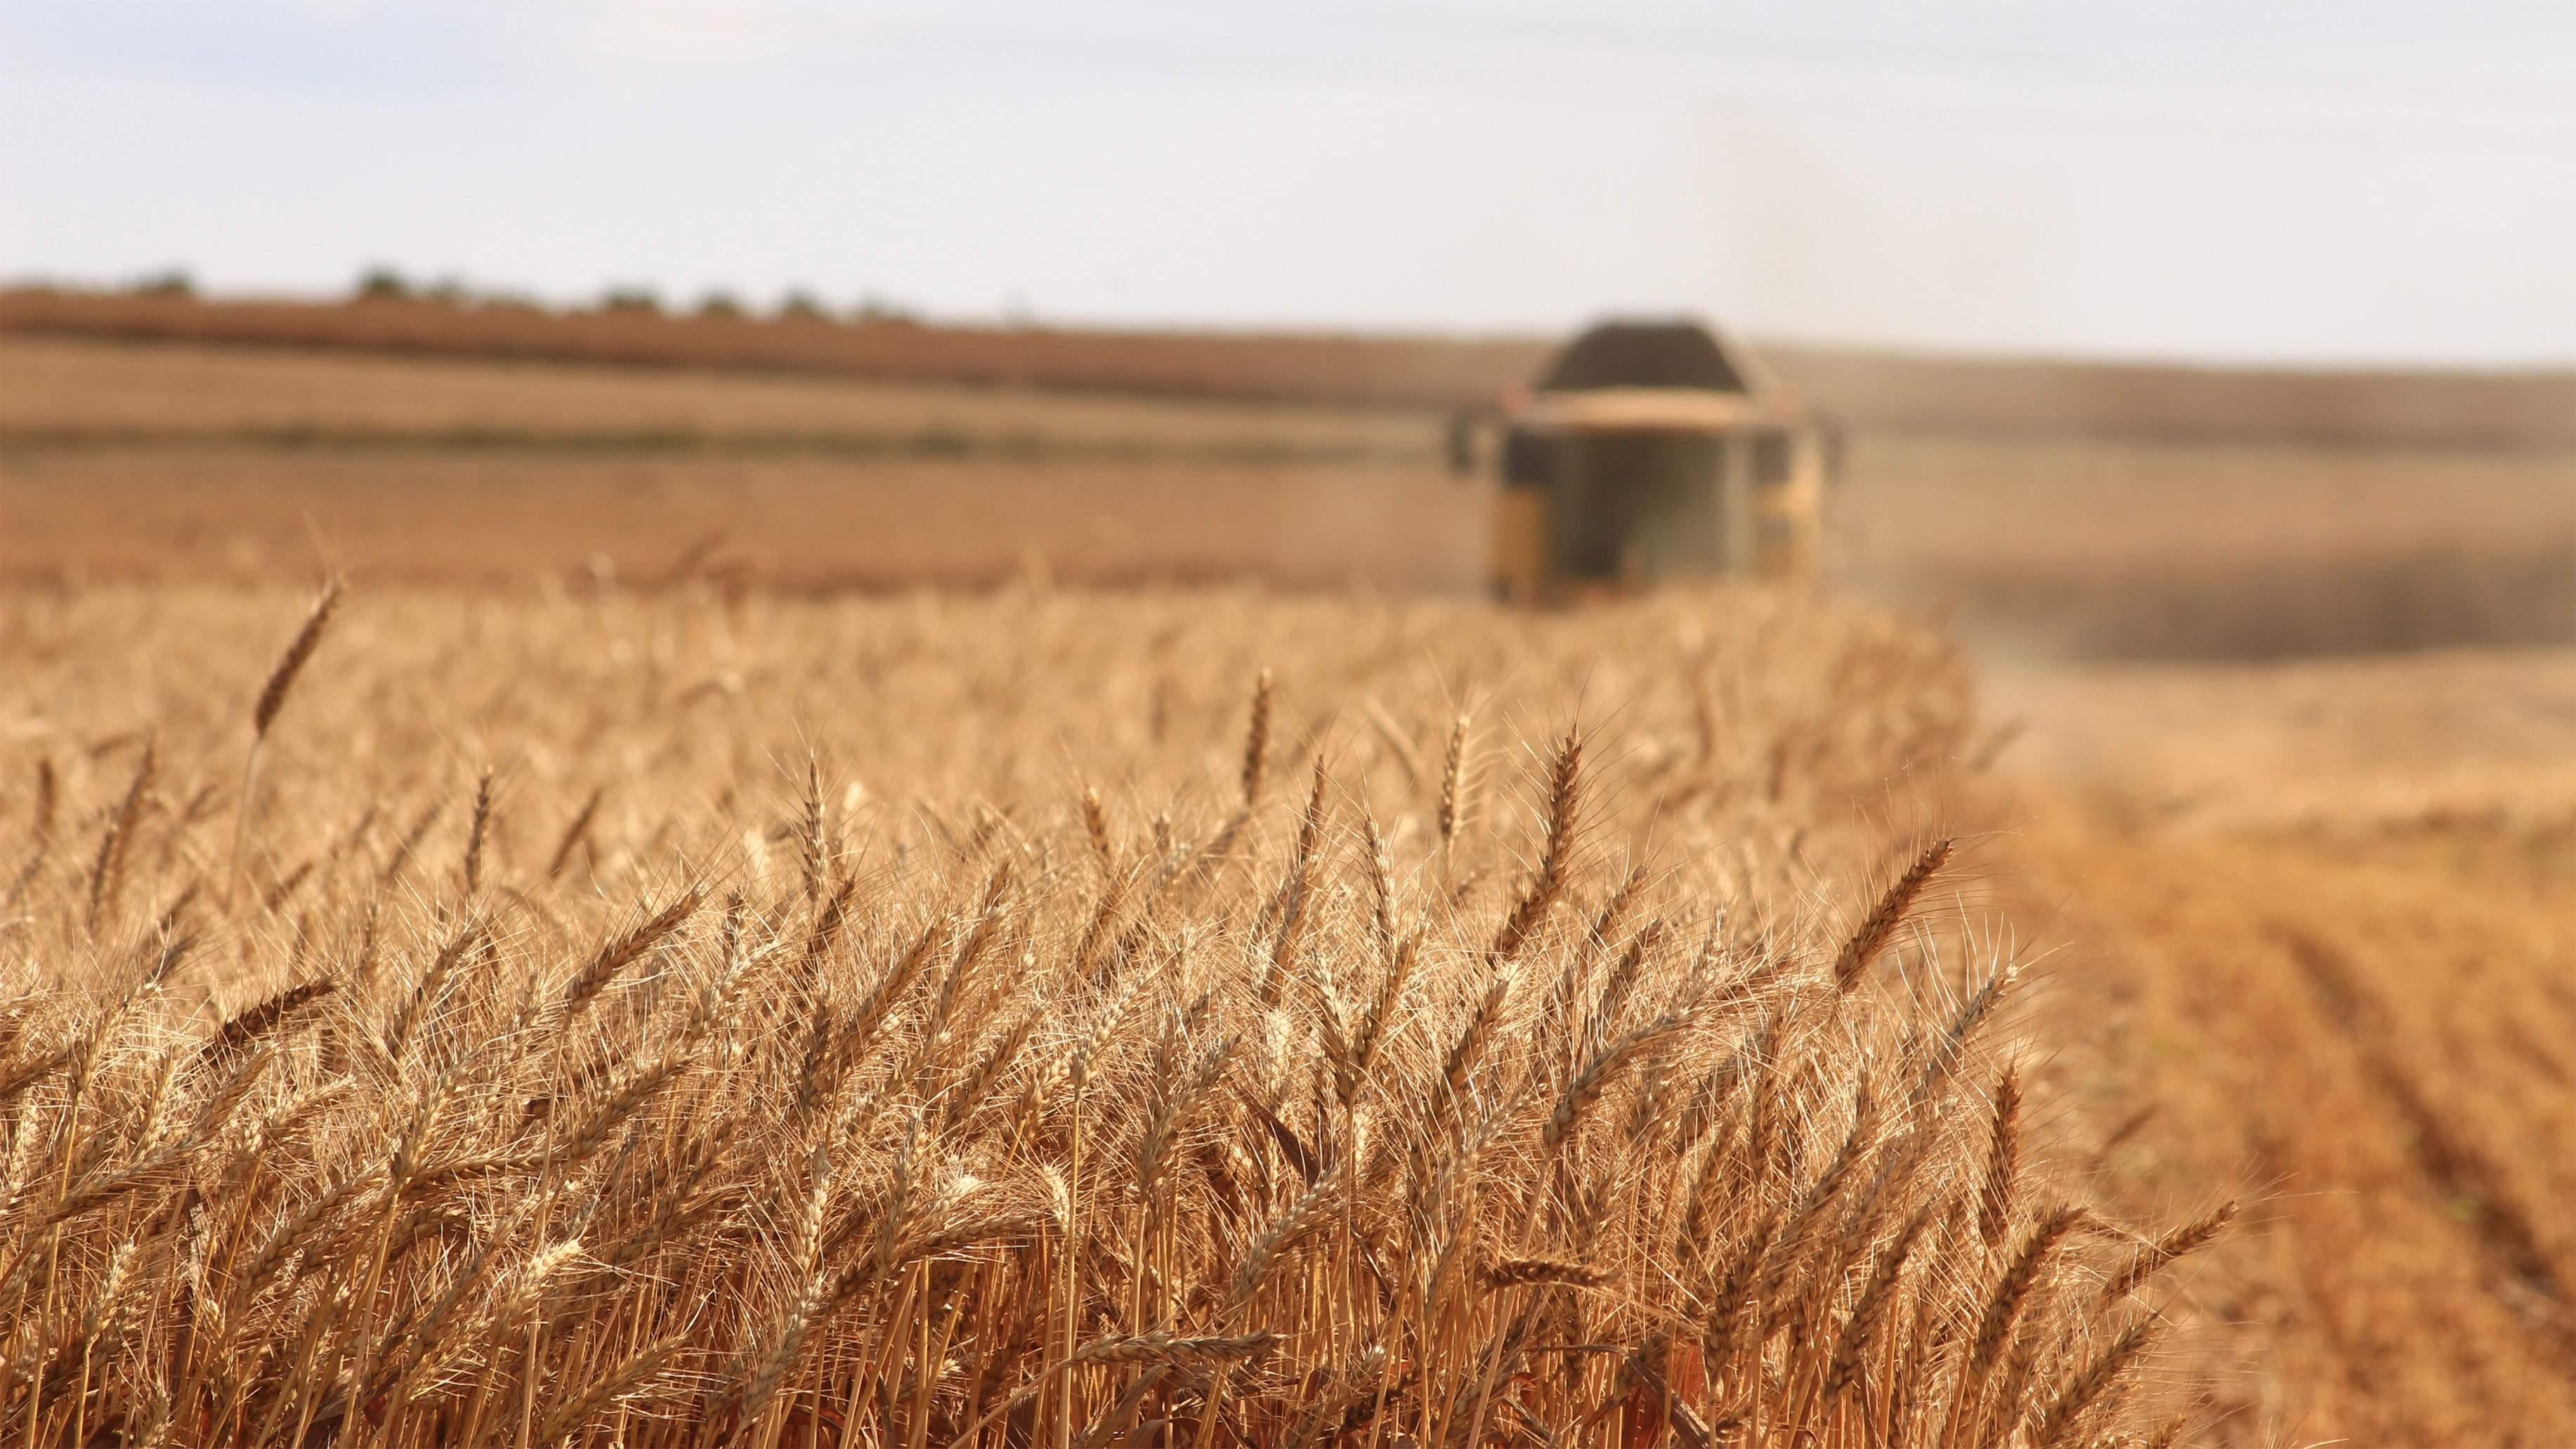 Campagne cultures fourragères 2019/2020: Maïs, tournesol et soja en progression, betterave en baisse